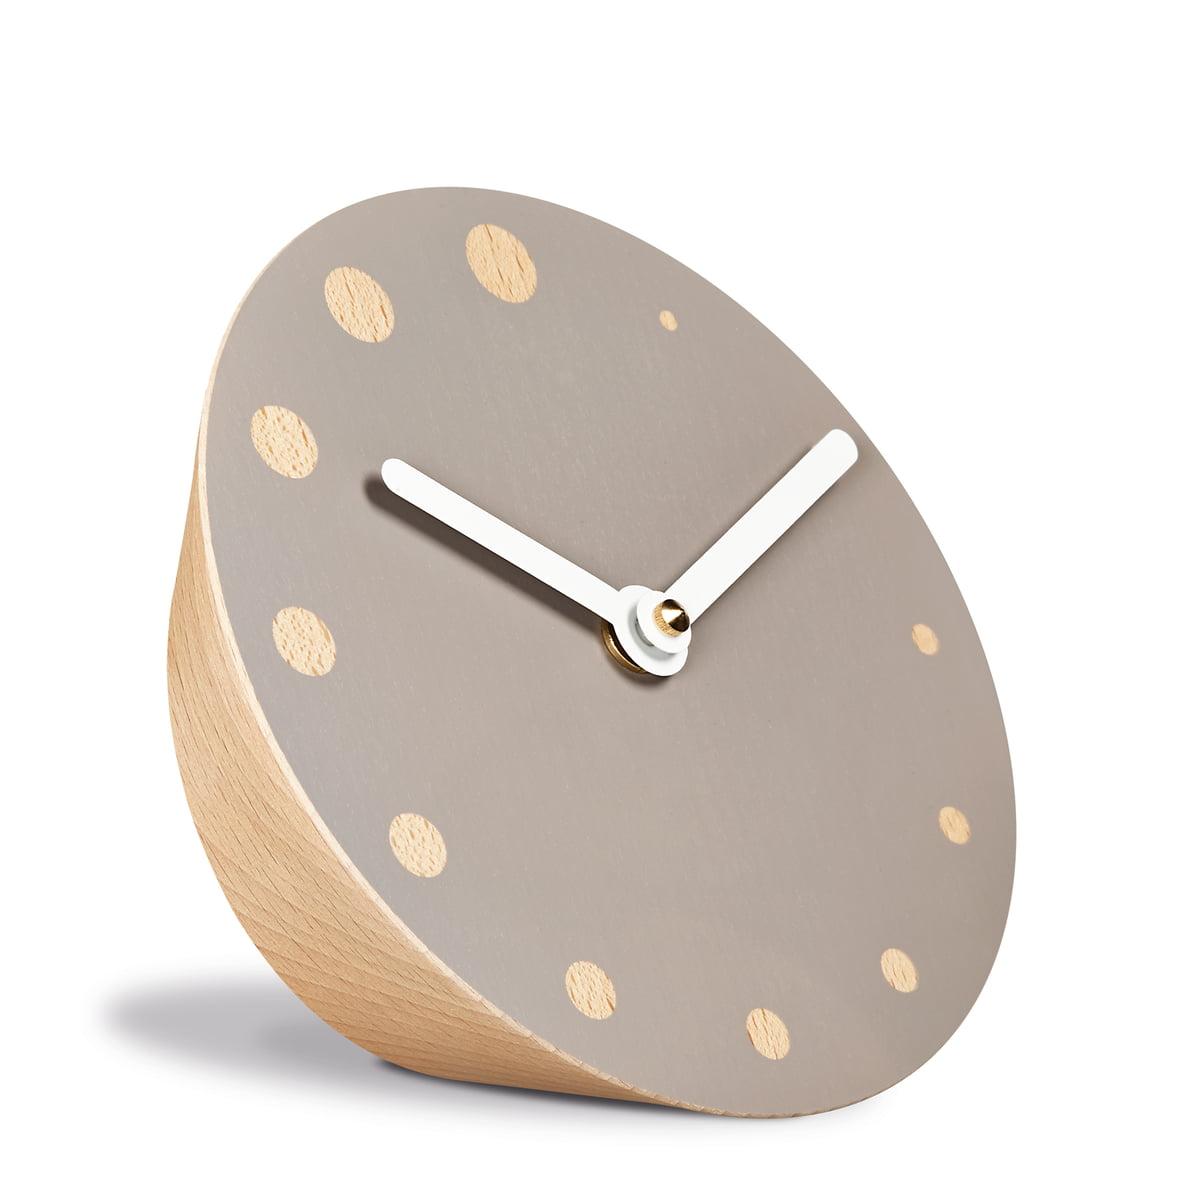 Rockaclock tischuhr von siebensachen for Design tischuhr